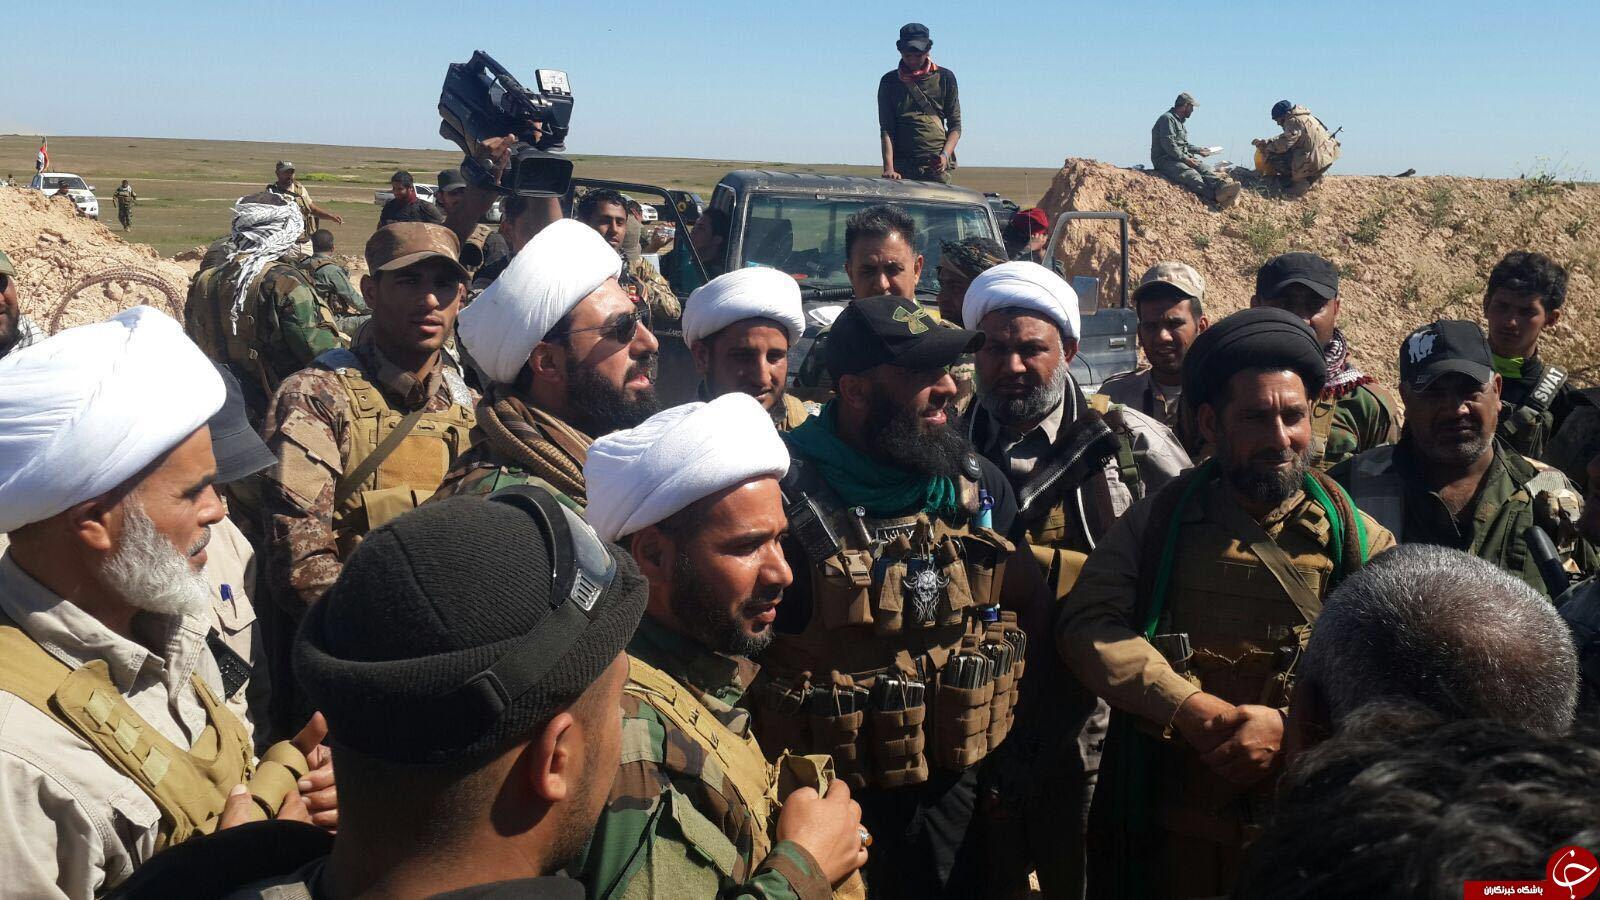 گردان های امام علی(ع) در عملیات موصل شرکت می کنند/ ابوعزراییل در خط مقدم نبرد با داعش +عکس